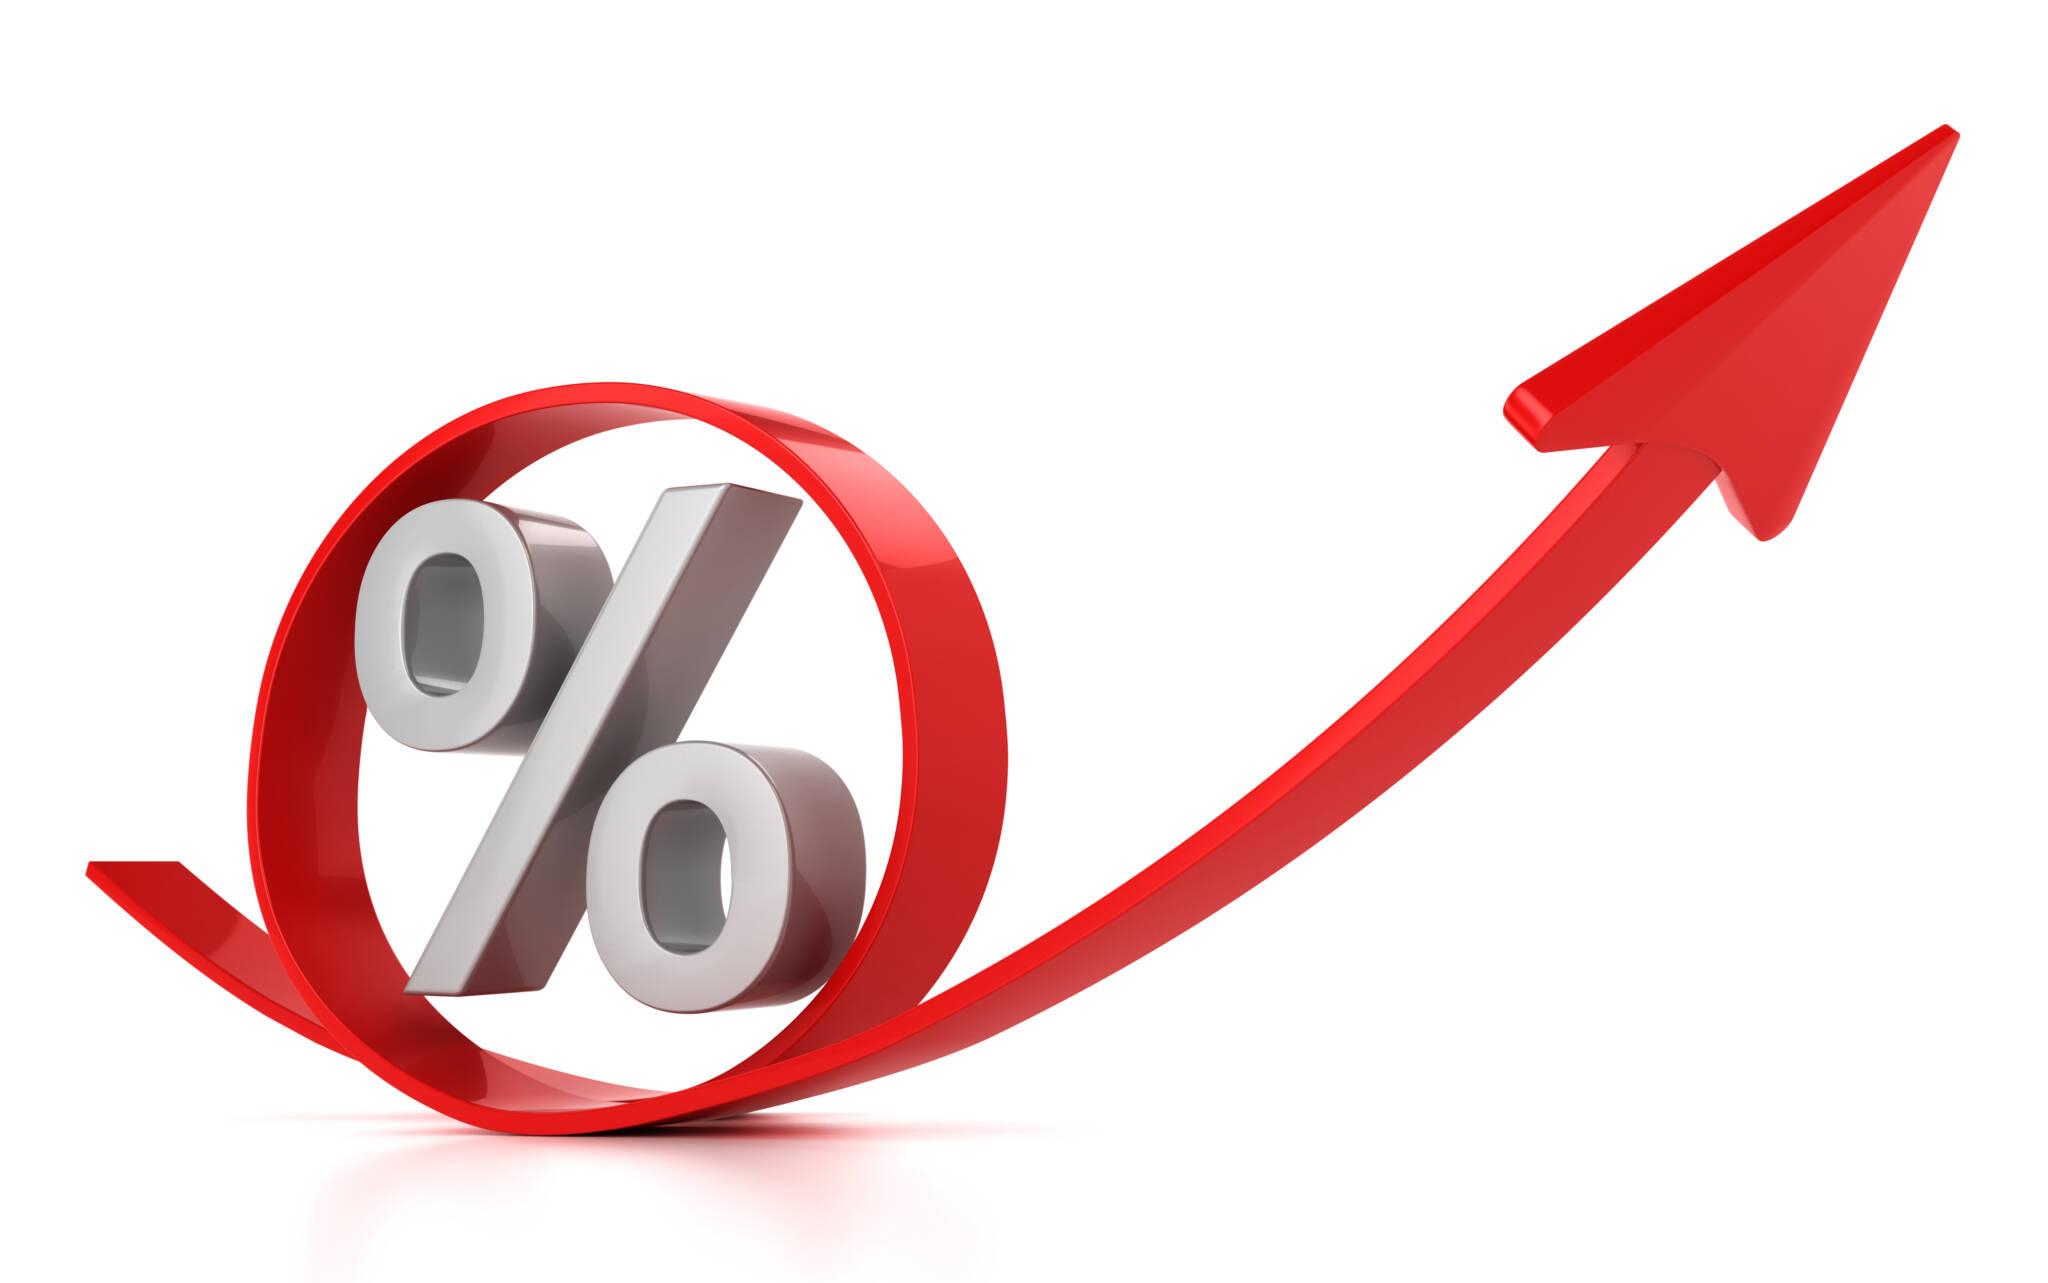 Les taux de crédit immobilier augmentent jusqu'à 0,7 % — Confinement